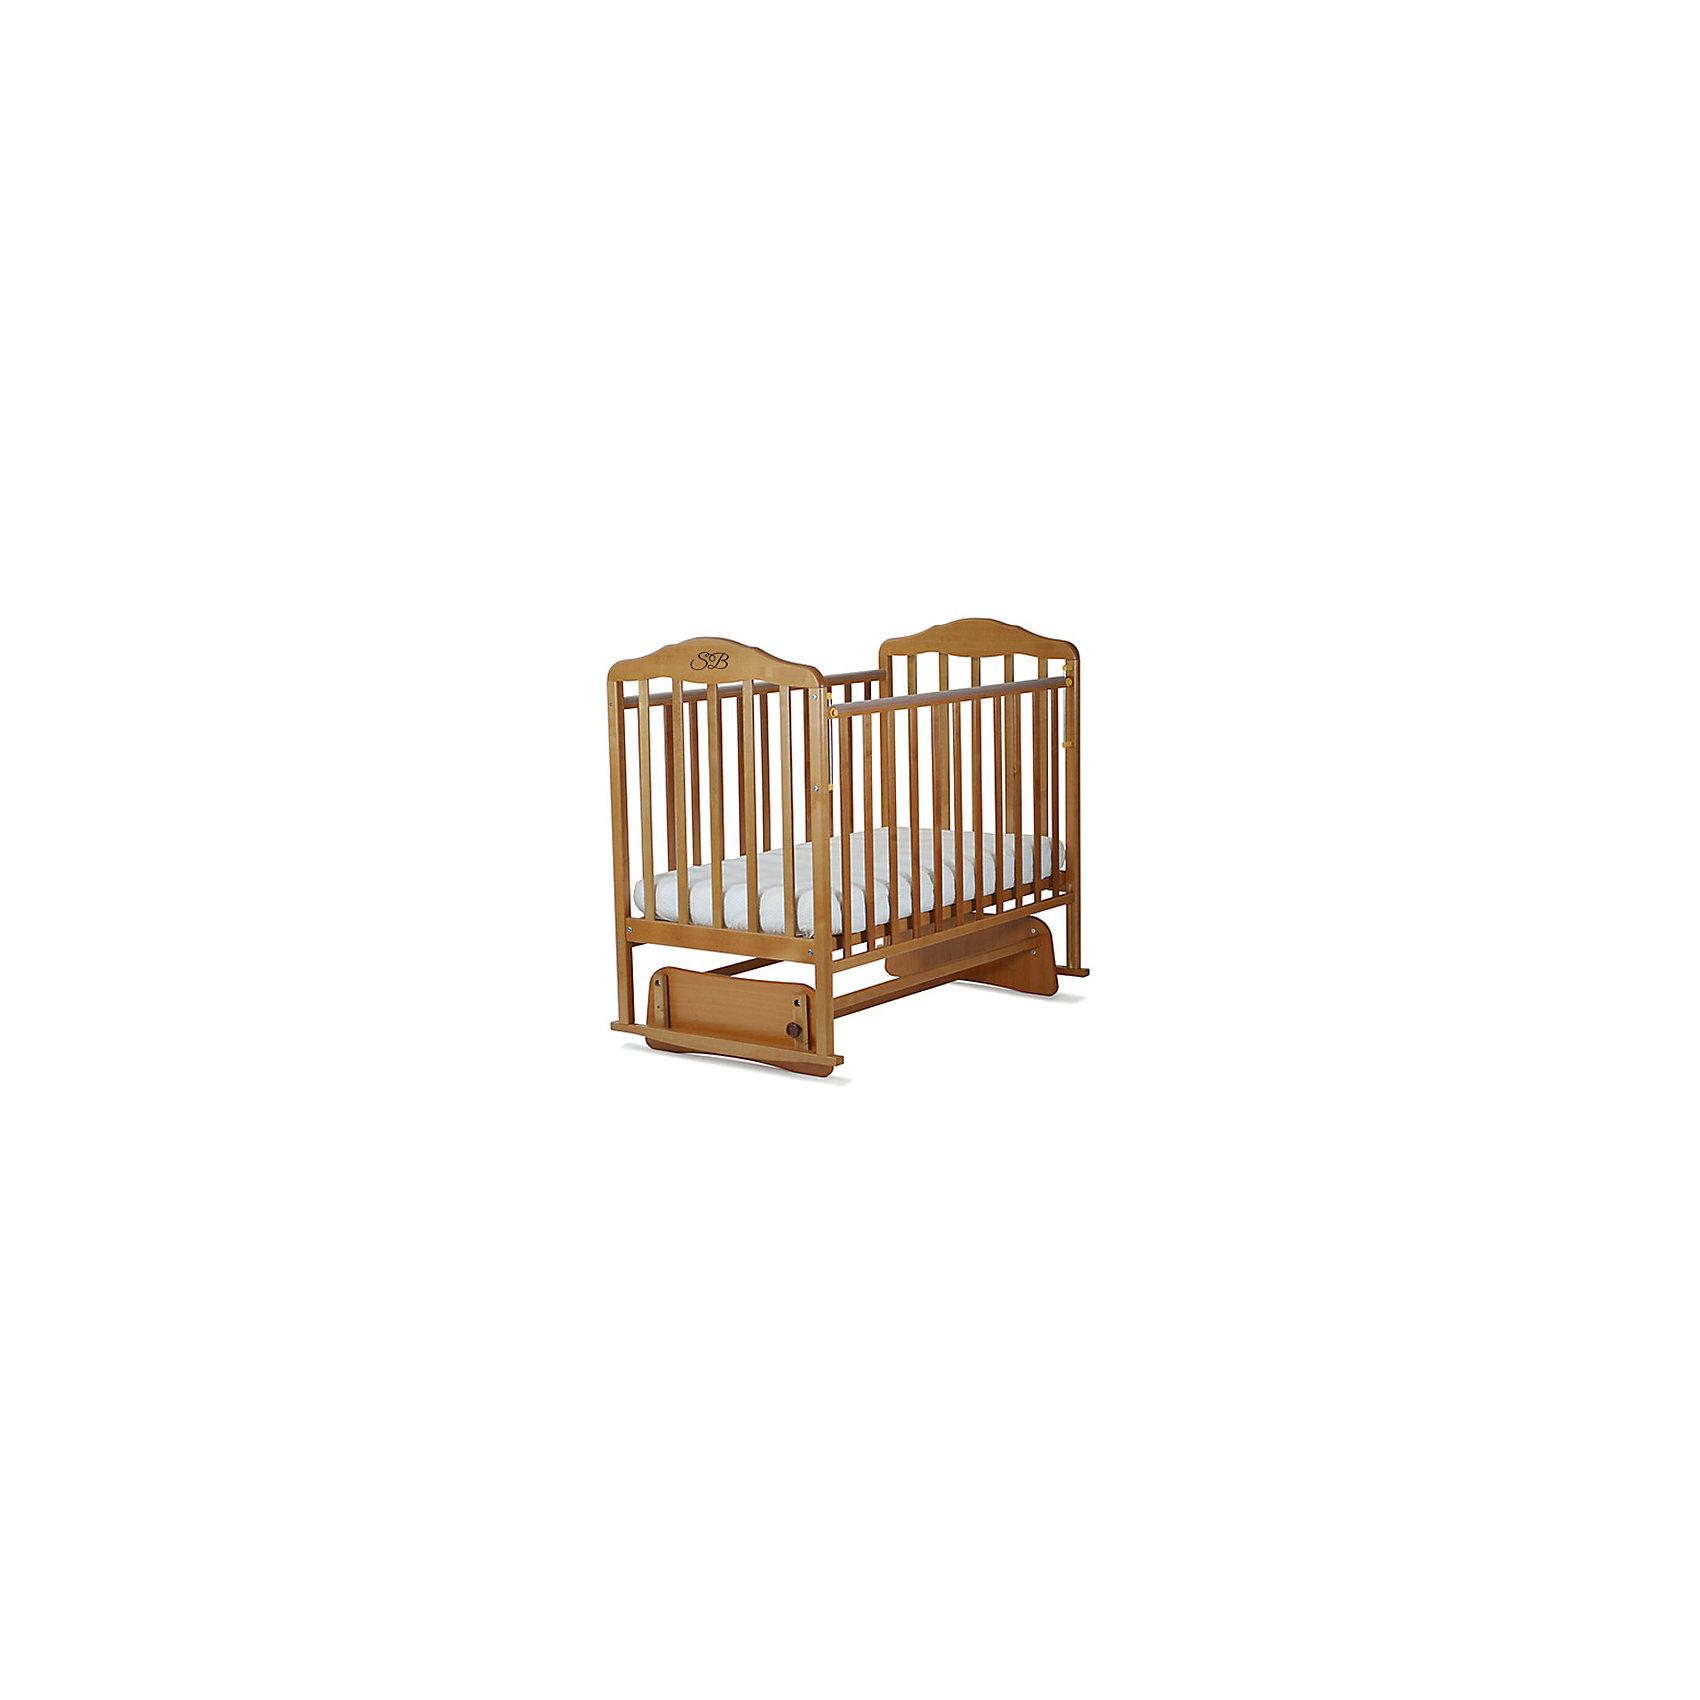 Кроватка Luigi Faggio Naturale, Sweet Baby, бук натуральныйКроватки<br>Характеристики товара:<br><br>• цвет: бук натуральный<br>• с поперечным маятником<br>• фиксатор покоя<br>• материал: массив дерева/ЛДСП<br>• полозья для качания<br>• размер спального места: 120х60 см<br>• 2 уровня ложа<br>• силиконовые накладки на бортиках<br>• размер кроватки (ШхДхВ): 72х125х115см.<br><br>Итальянский бренд Sweet Baby позаботился о комфортном сне вашего малыша благодаря плавному механизму качания поперечного маятника . <br>Кроватка оснащена специальными фиксаторами, которые приводят маятник в состояние покоя.<br><br>Два уровня ложа позволяют менять глубину кроватки по мере роста малыша, опускаемая планка поможет без труда дотянуться до малыша в кроватке.Расстояние между рейками не дает возможность ребенку застрять между ними во время сна.<br><br>На бортиках кроватки есть специальные силиконовые накладки, их основной функцией является защита вашего ребенка во время прорезания зубов.<br><br>Кроватки для новорожденных SweetBaby обрабатываются нетоксичными лаками и красками, абсолютно безвредными для ребенка.<br><br>Кроватку Luigi  Faggio Naturale, Sweet Baby можно купить в нашем интернет-магазине.<br><br>Ширина мм: 710<br>Глубина мм: 150<br>Высота мм: 1240<br>Вес г: 20000<br>Возраст от месяцев: 0<br>Возраст до месяцев: 36<br>Пол: Унисекс<br>Возраст: Детский<br>SKU: 5583579